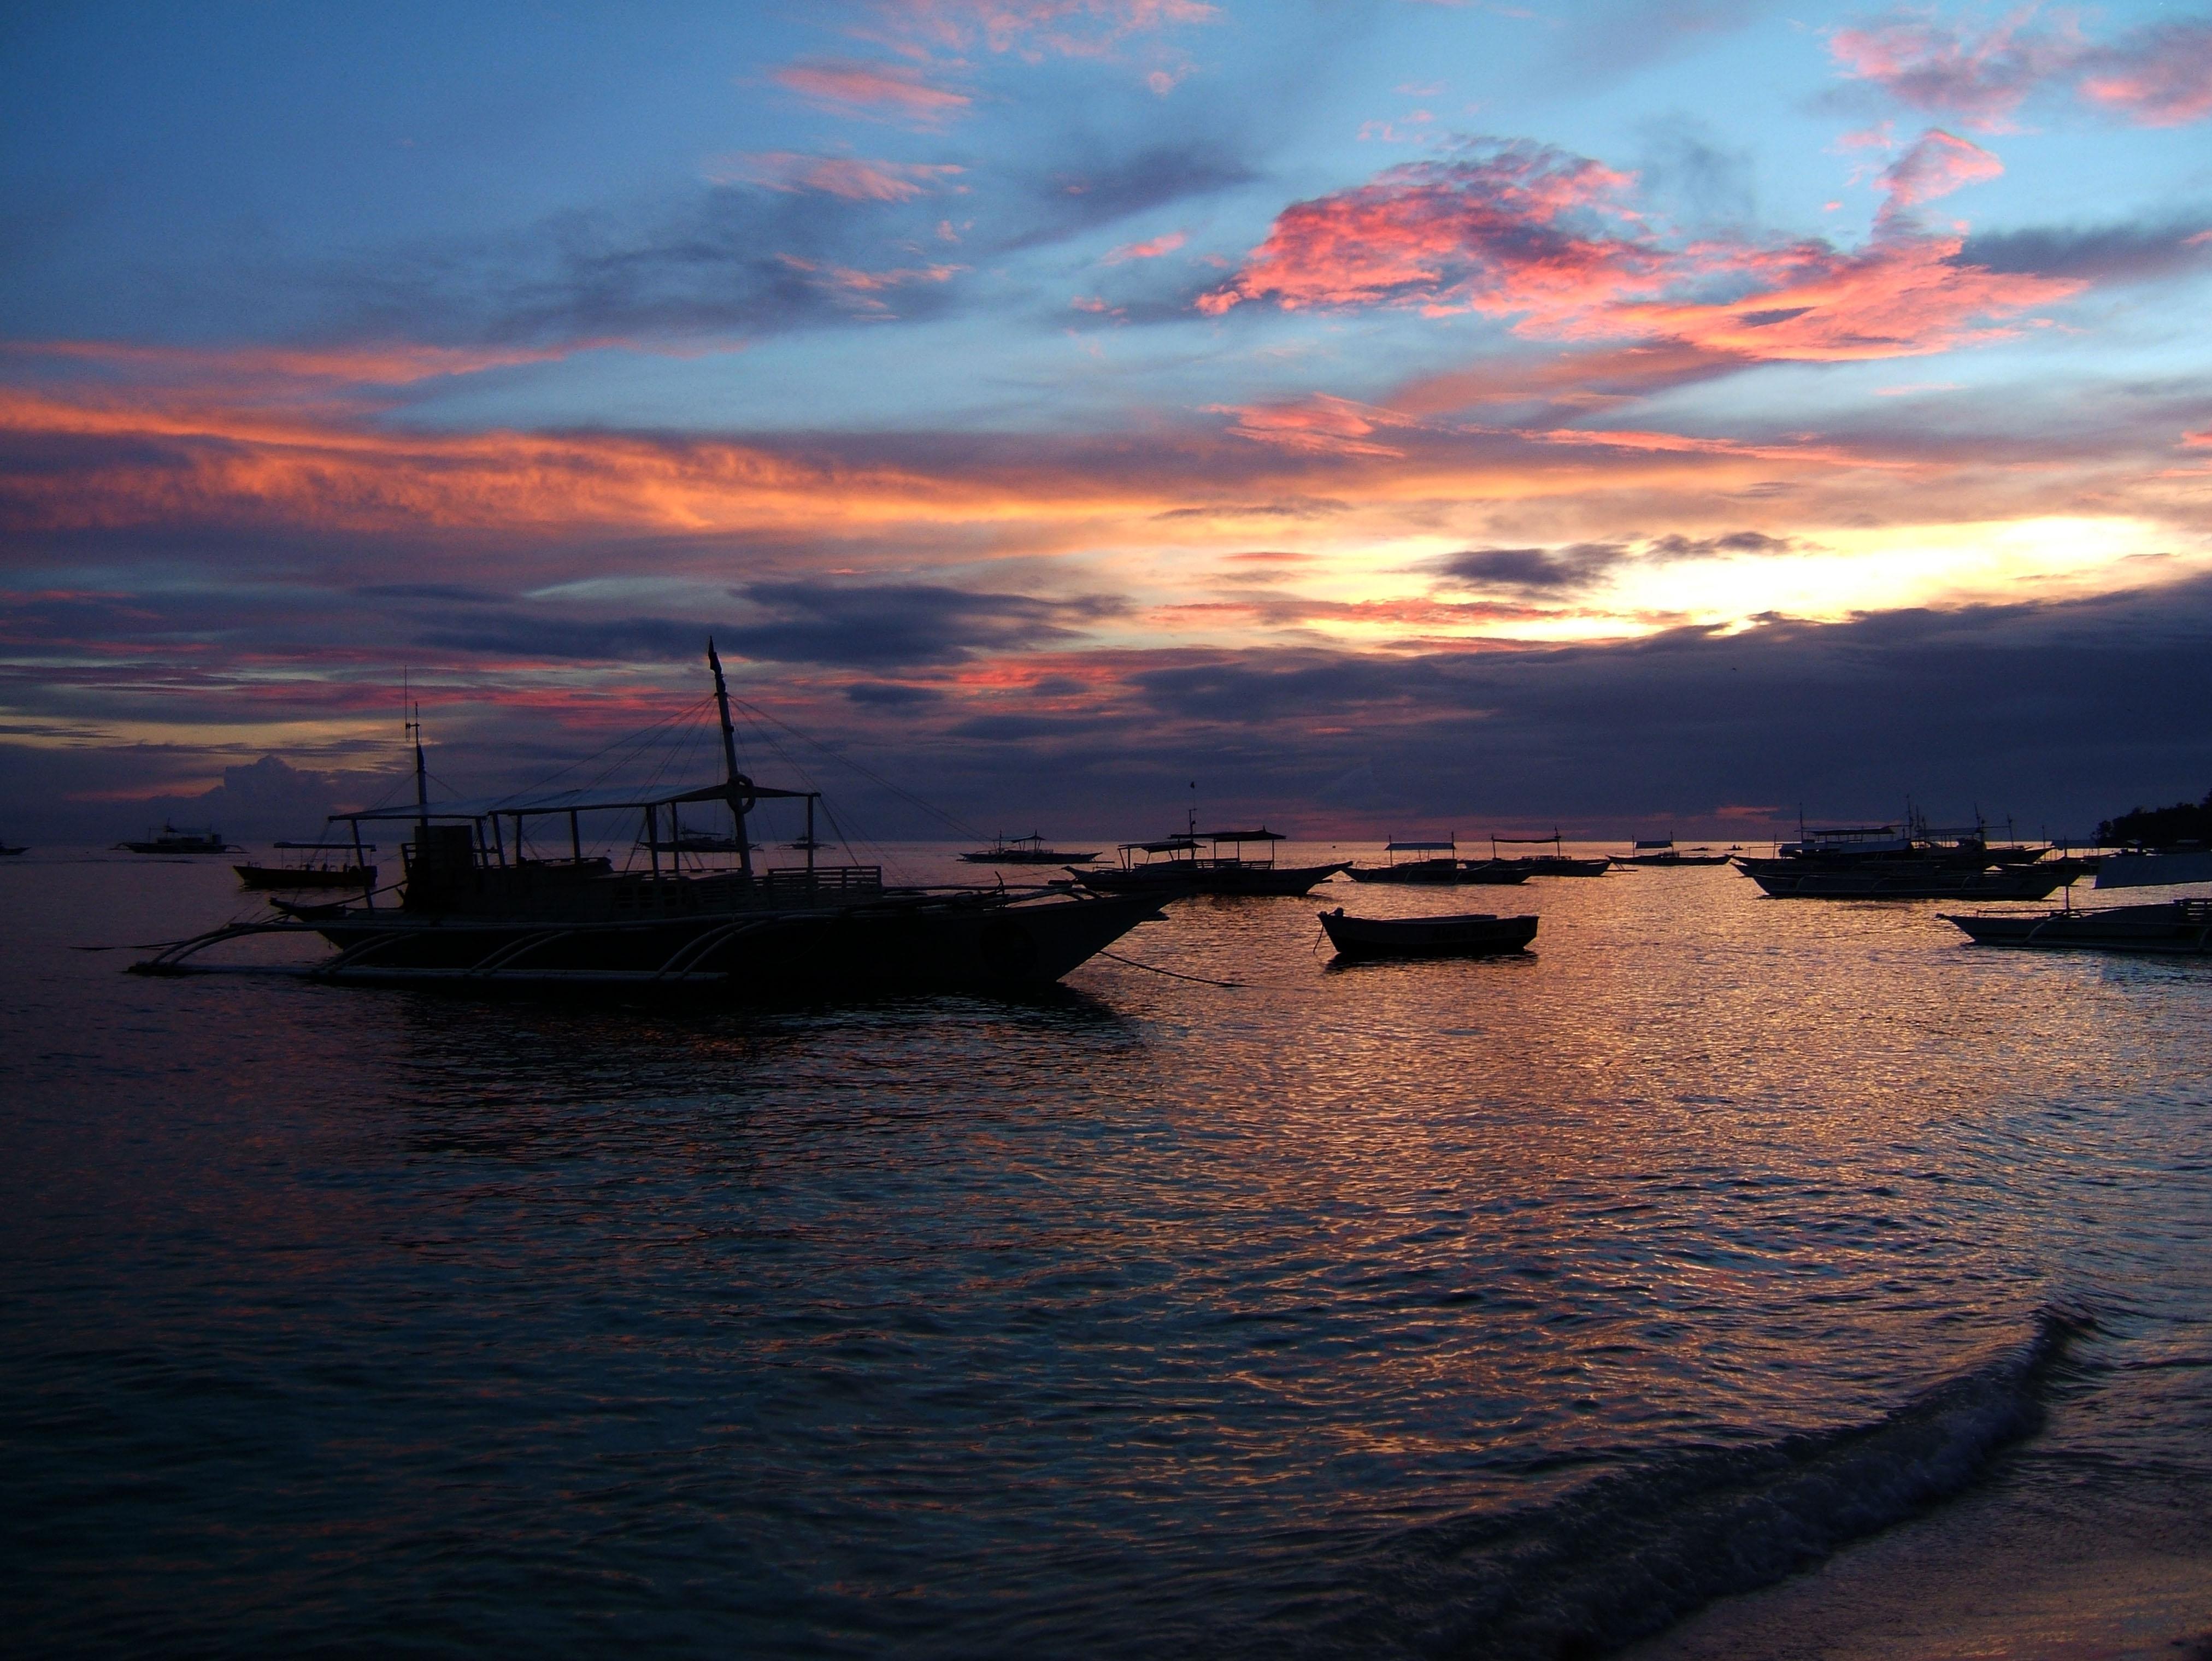 Sunset Philippines Cebu Bahoal 05